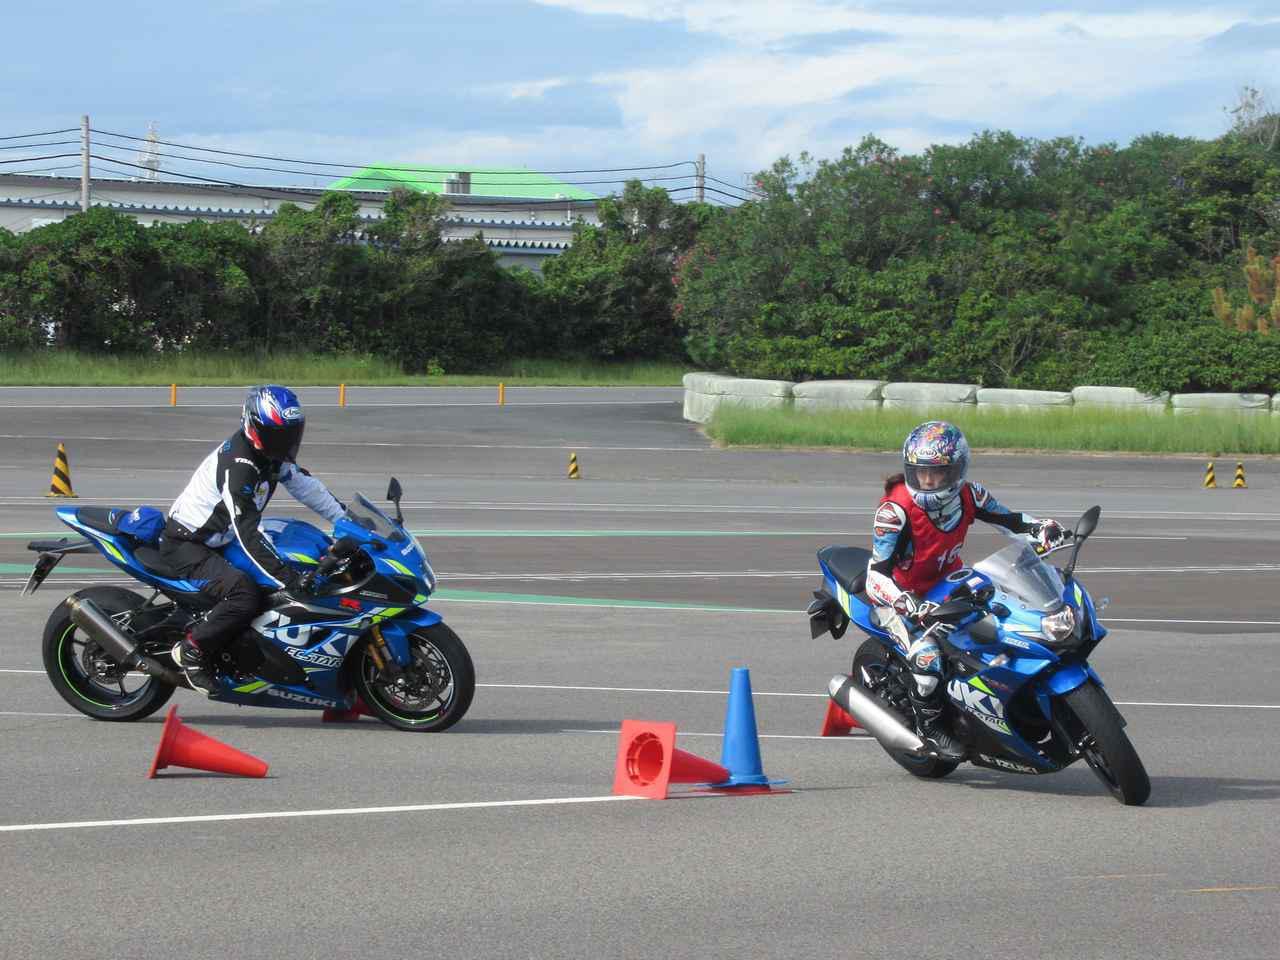 画像: ガチでバイクが上手くなるぞ!? 個人的に最も受けたい『北川圭一ライディングスクール』が2021年は開催決定!- スズキのバイク!